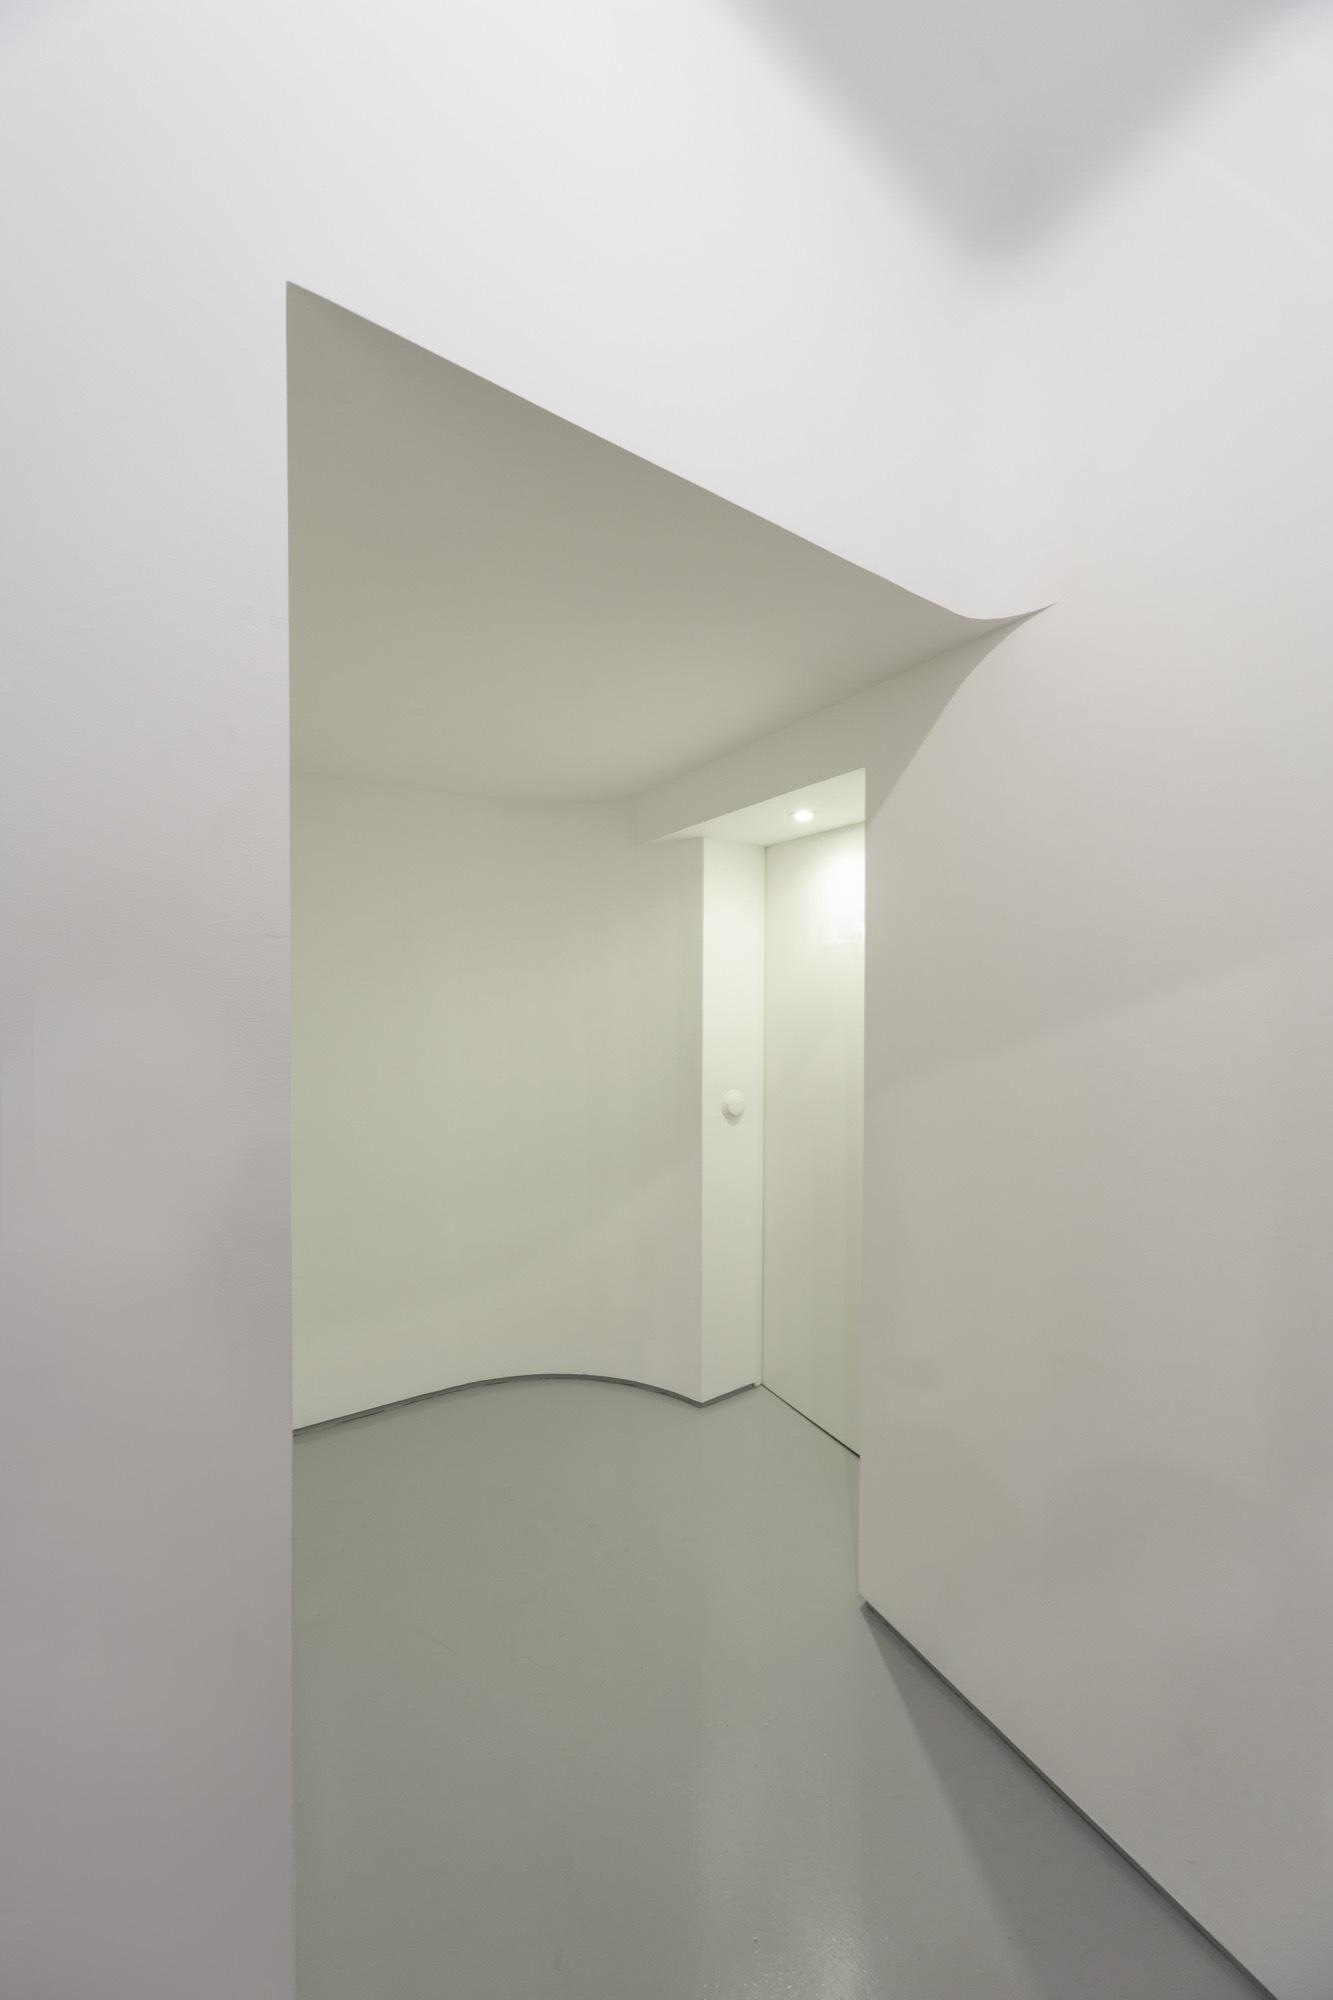 Galeria de cl nica fisio cuac arquitectura 12 - Cuac arquitectura ...